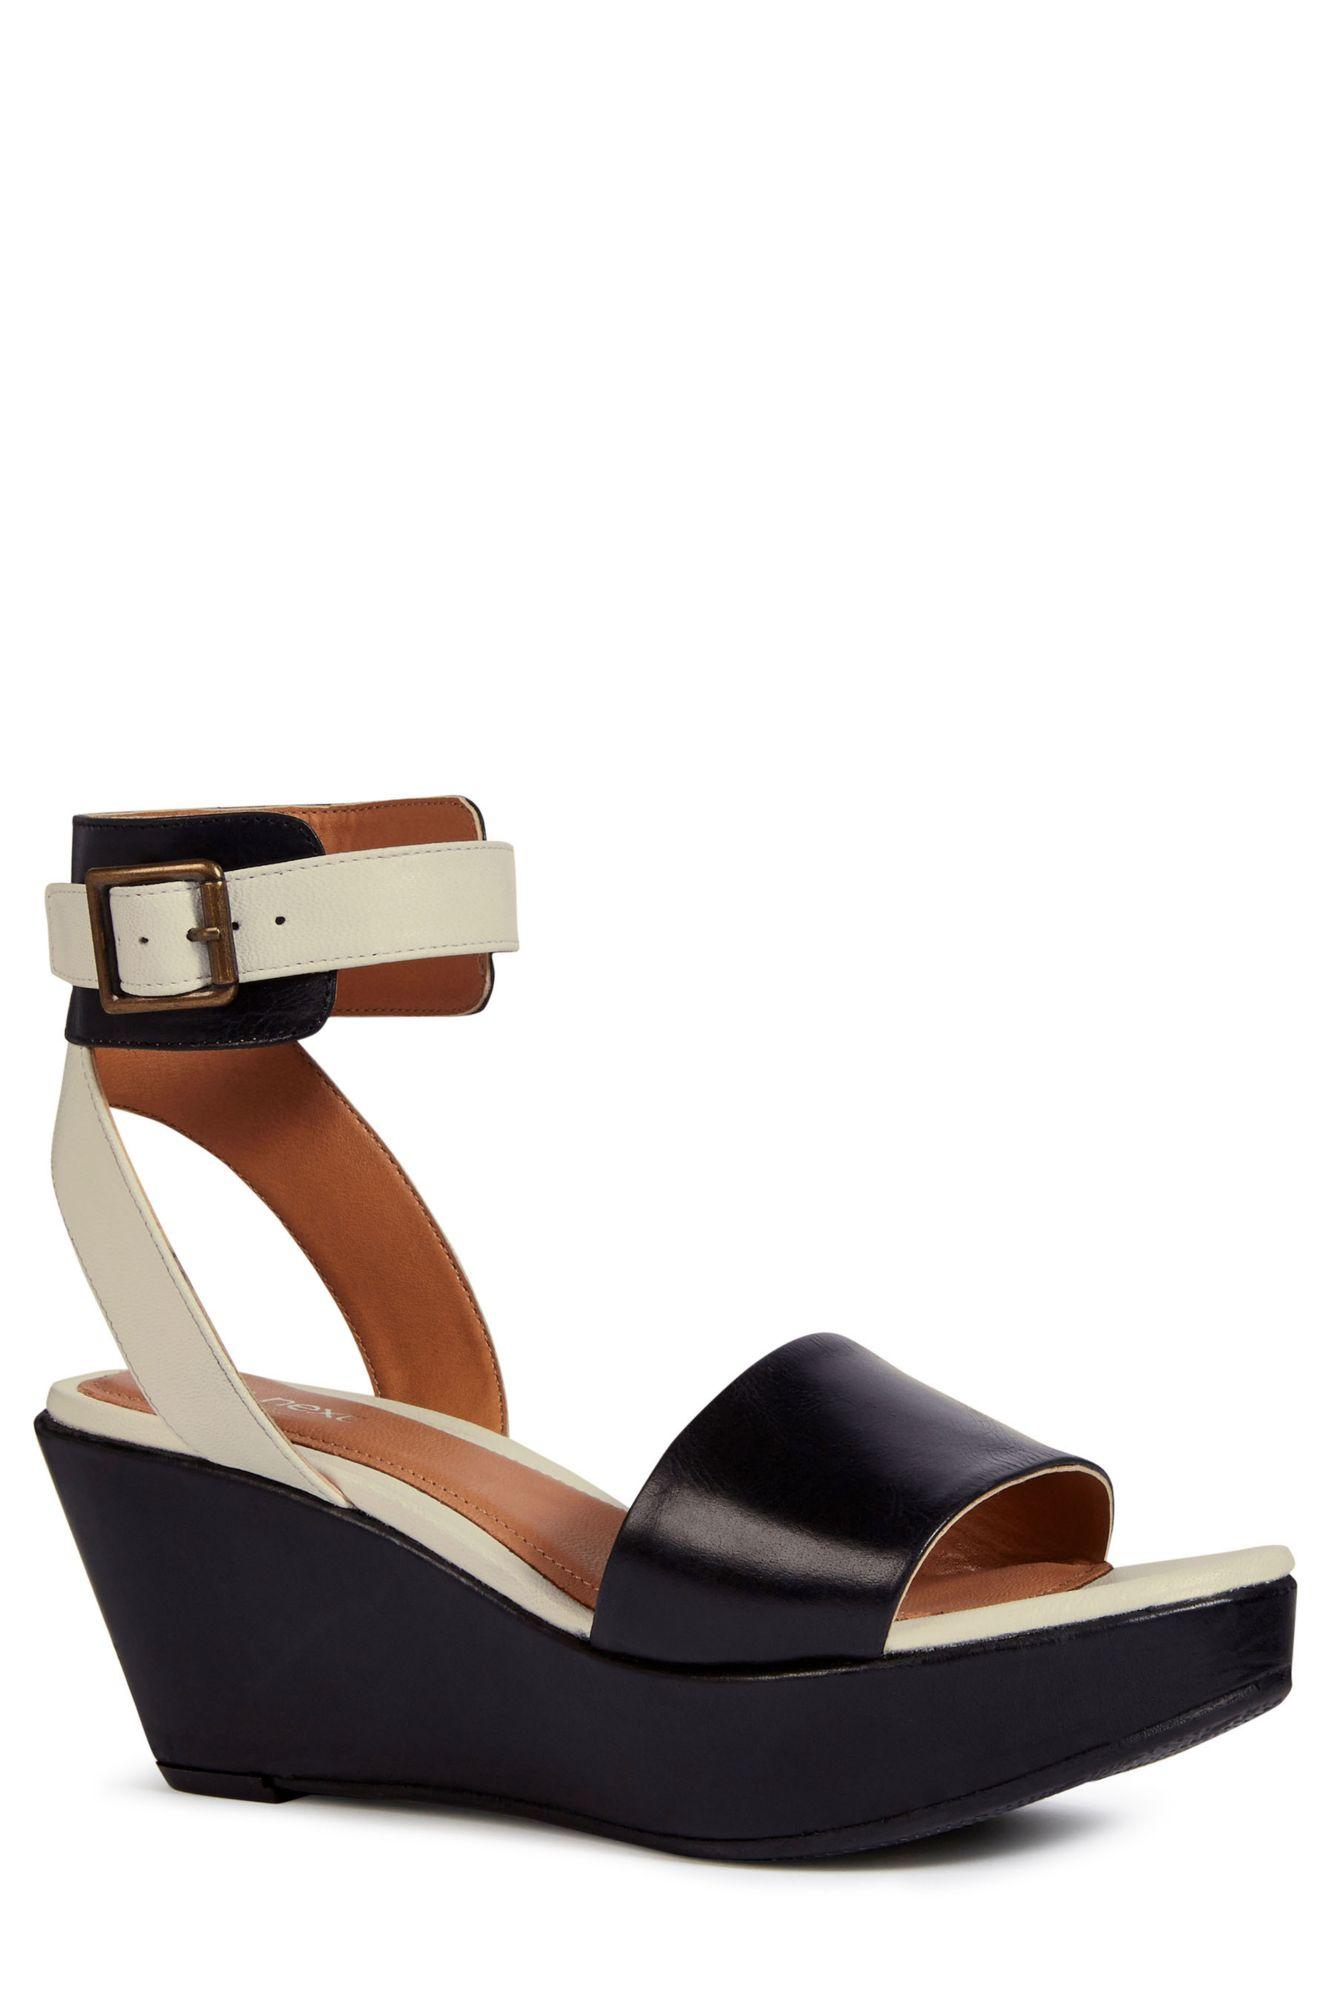 next sandalette mit keilabsatz und kn chelriemen schwab. Black Bedroom Furniture Sets. Home Design Ideas